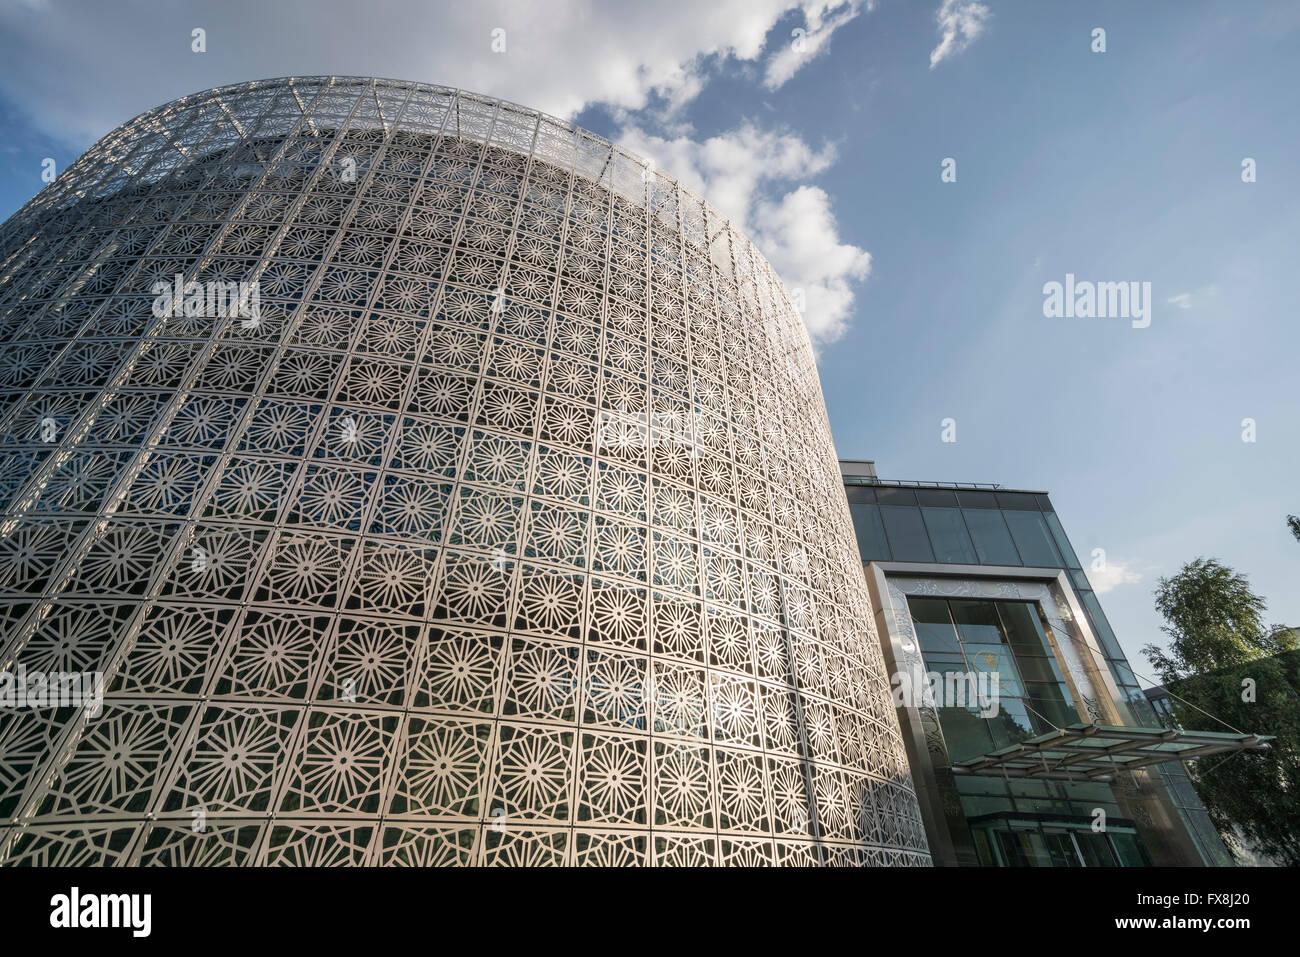 Embajada de Arabia Saudita , Tiergarten, Berlin Imagen De Stock